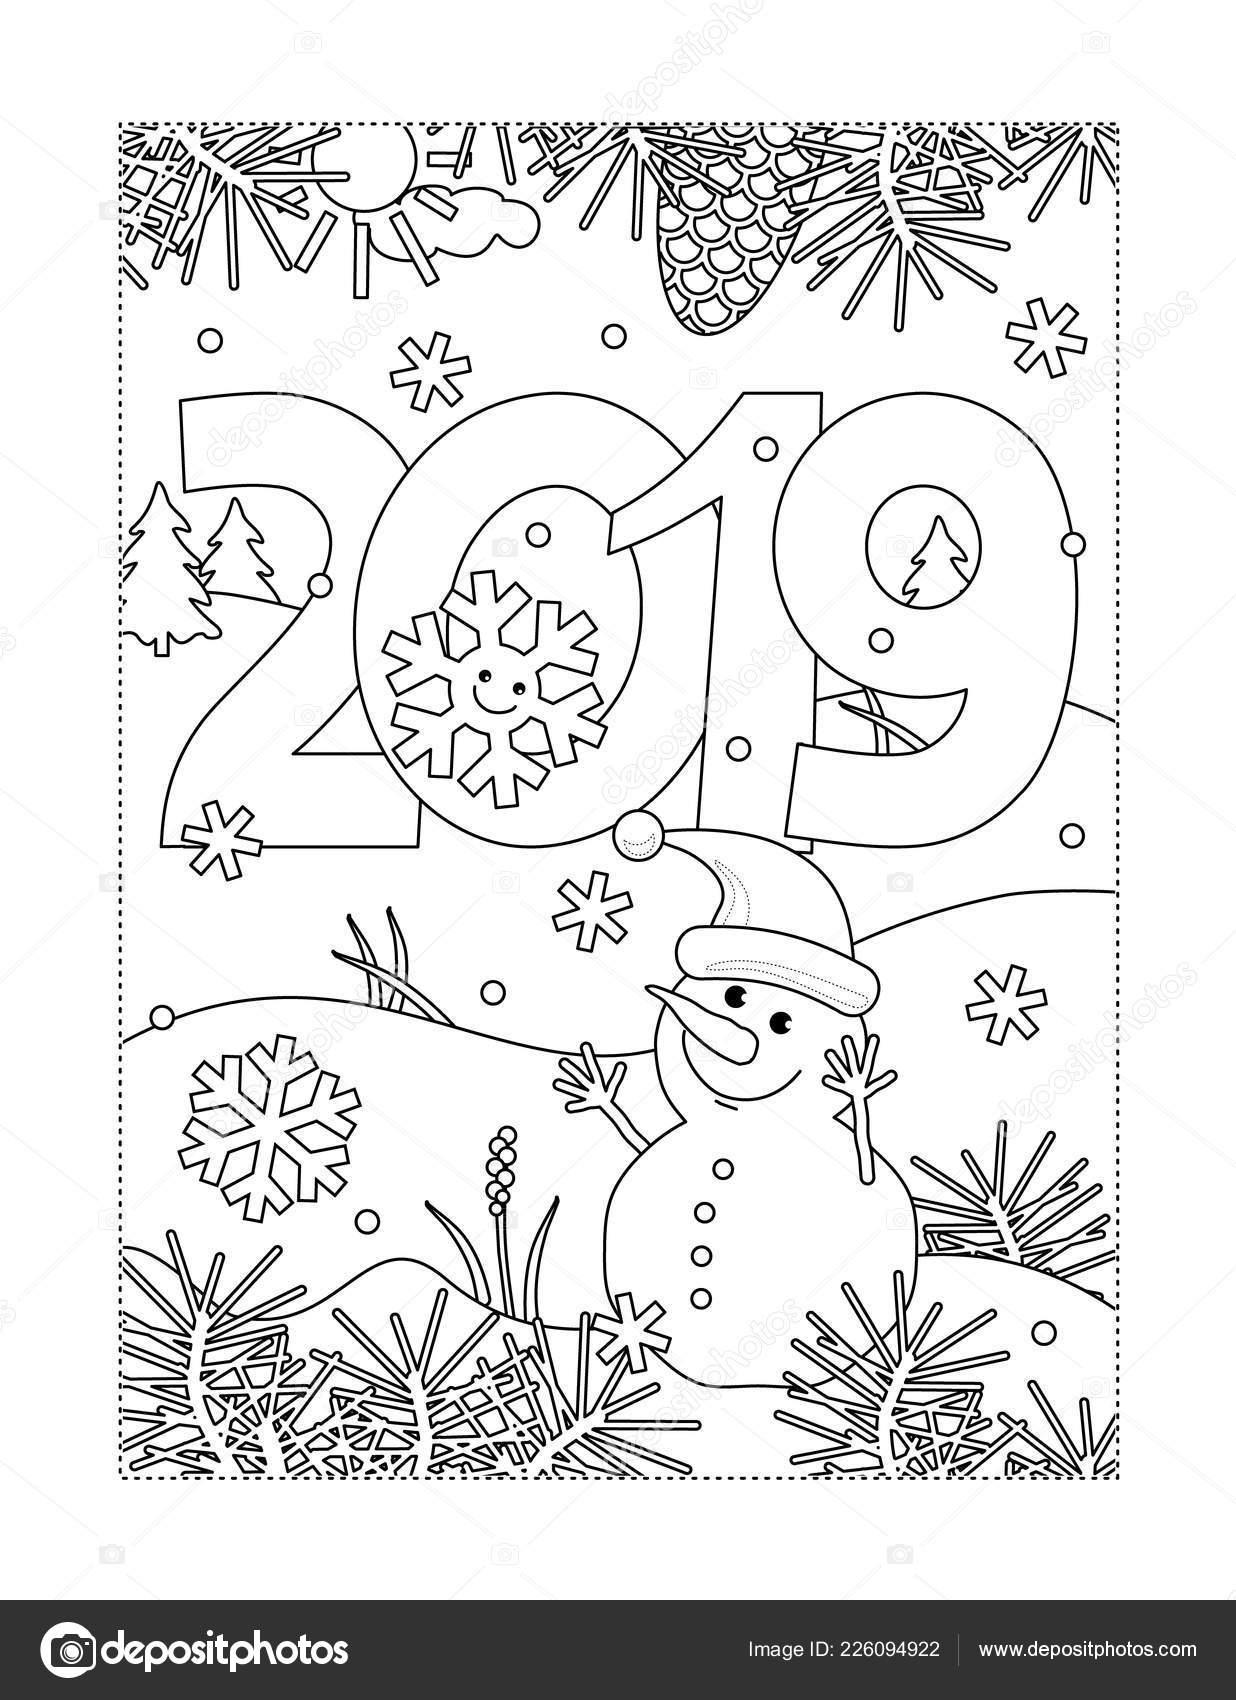 Winterurlaub Weihnachten 2019.Winterurlaub Freude Silvester Oder Weihnachten Themed Malseite Mit